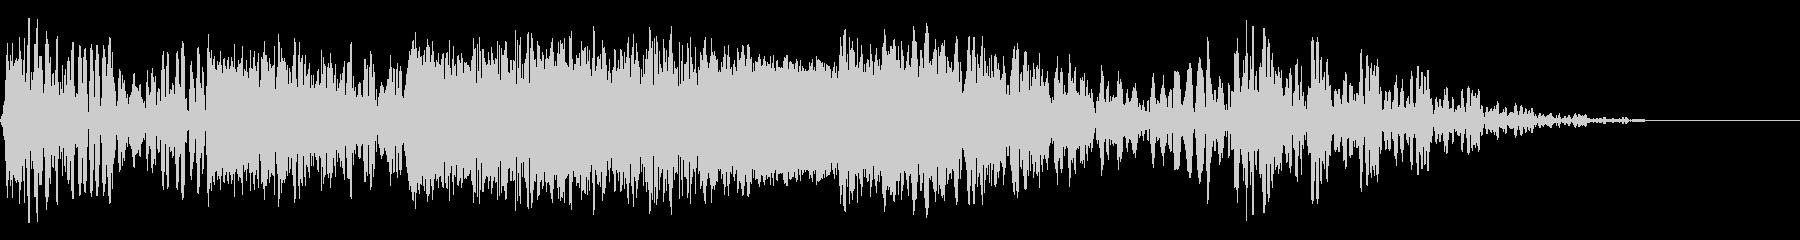 フォトンボンバードメントの未再生の波形